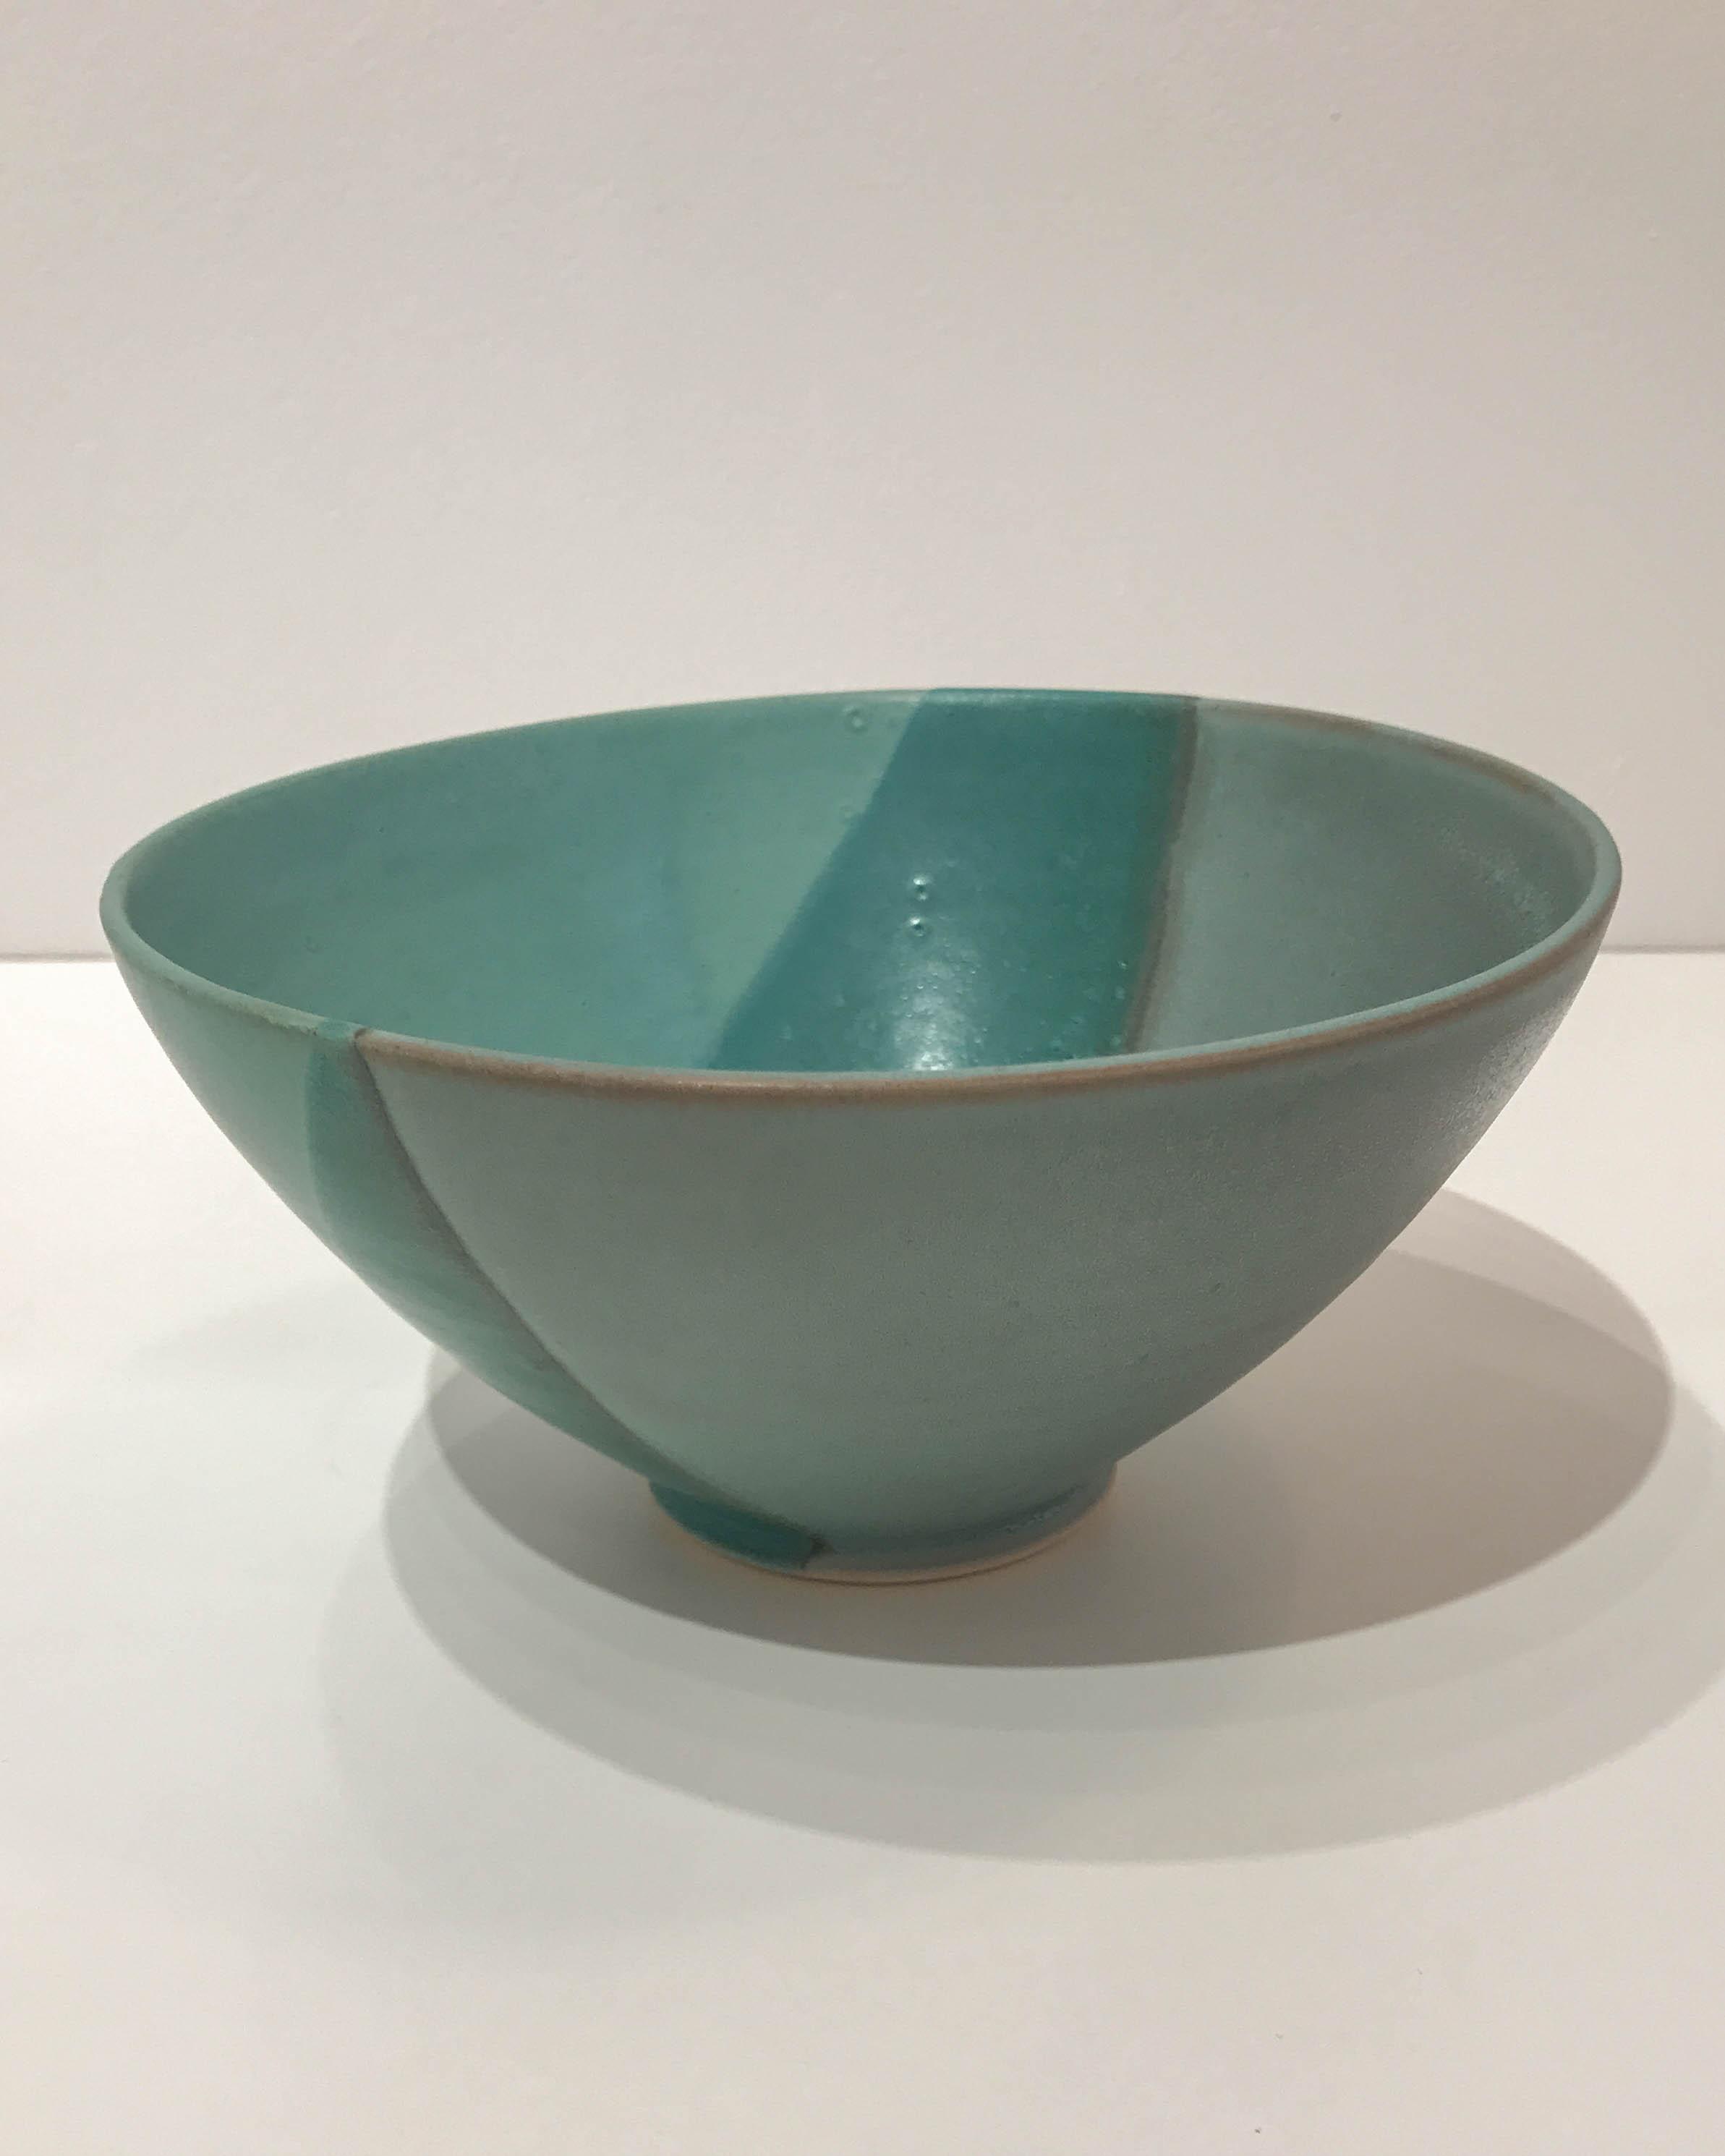 Large green bowl, hand-thrown stoneware, $48